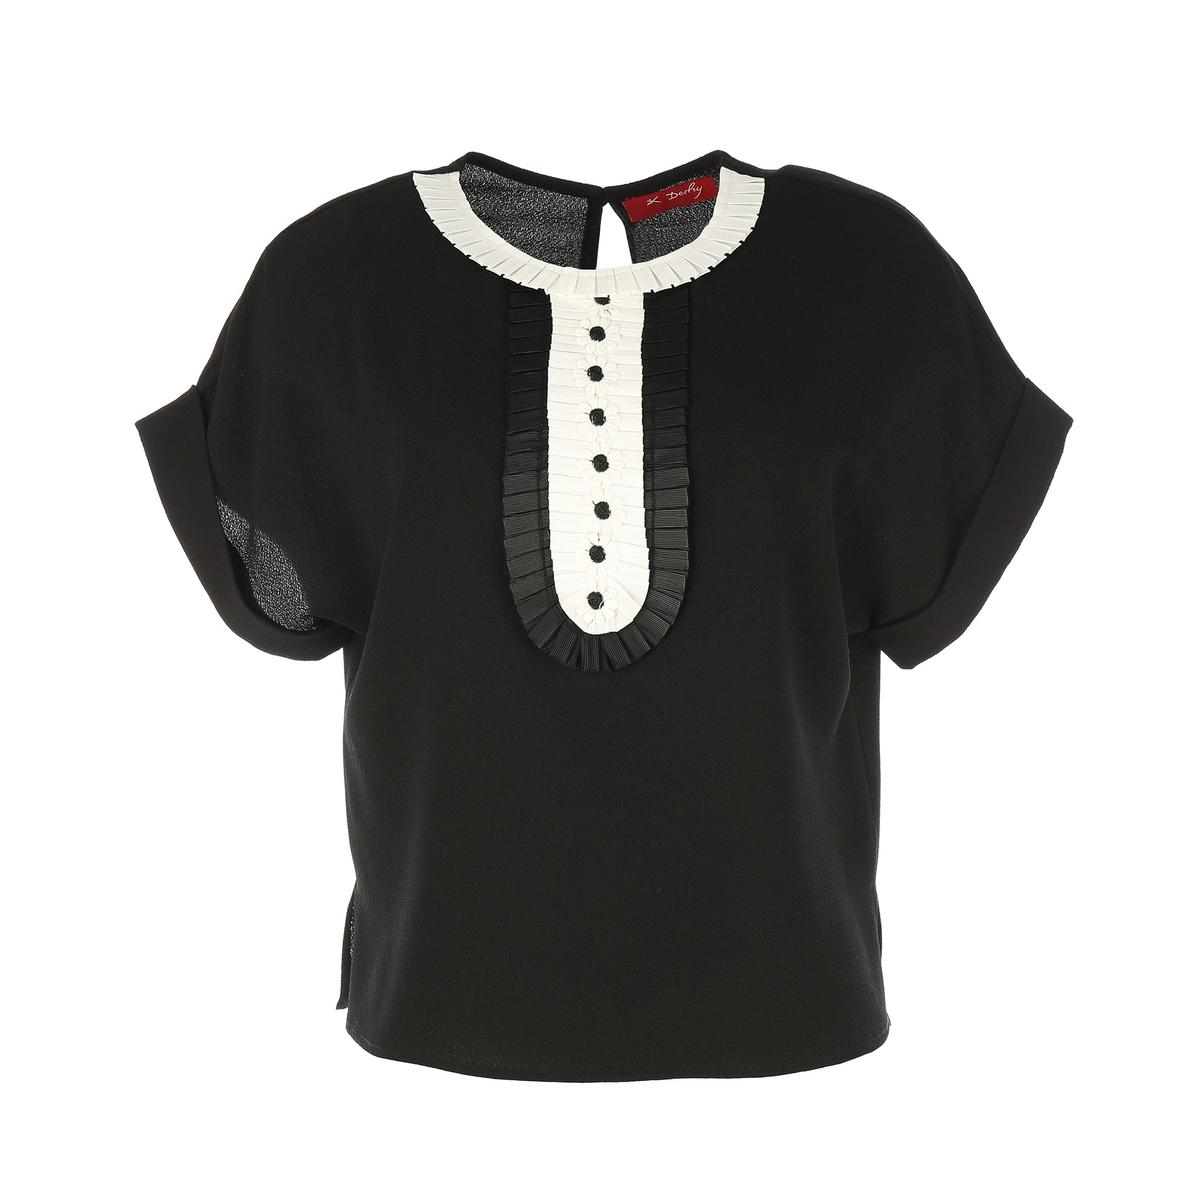 Блузка однотонная с круглым вырезом и короткими рукавами блузка с круглым вырезом и короткими рукавами